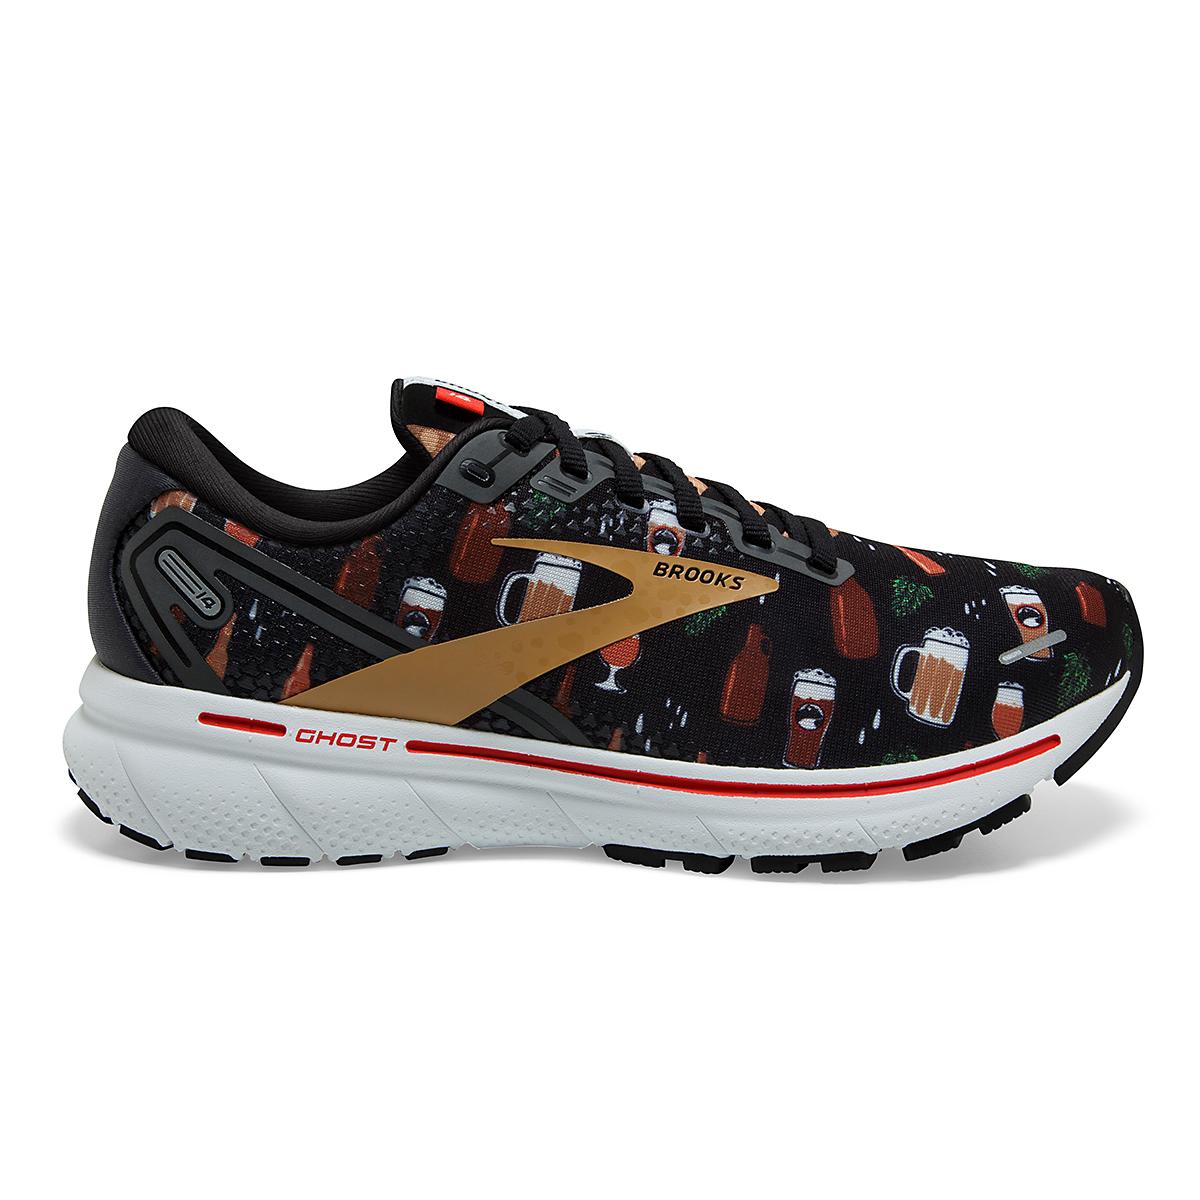 Men's Brooks Ghost 14 Running Shoe - Color: Run Hoppy - Size: 7 - Width: Regular, Run Hoppy, large, image 1